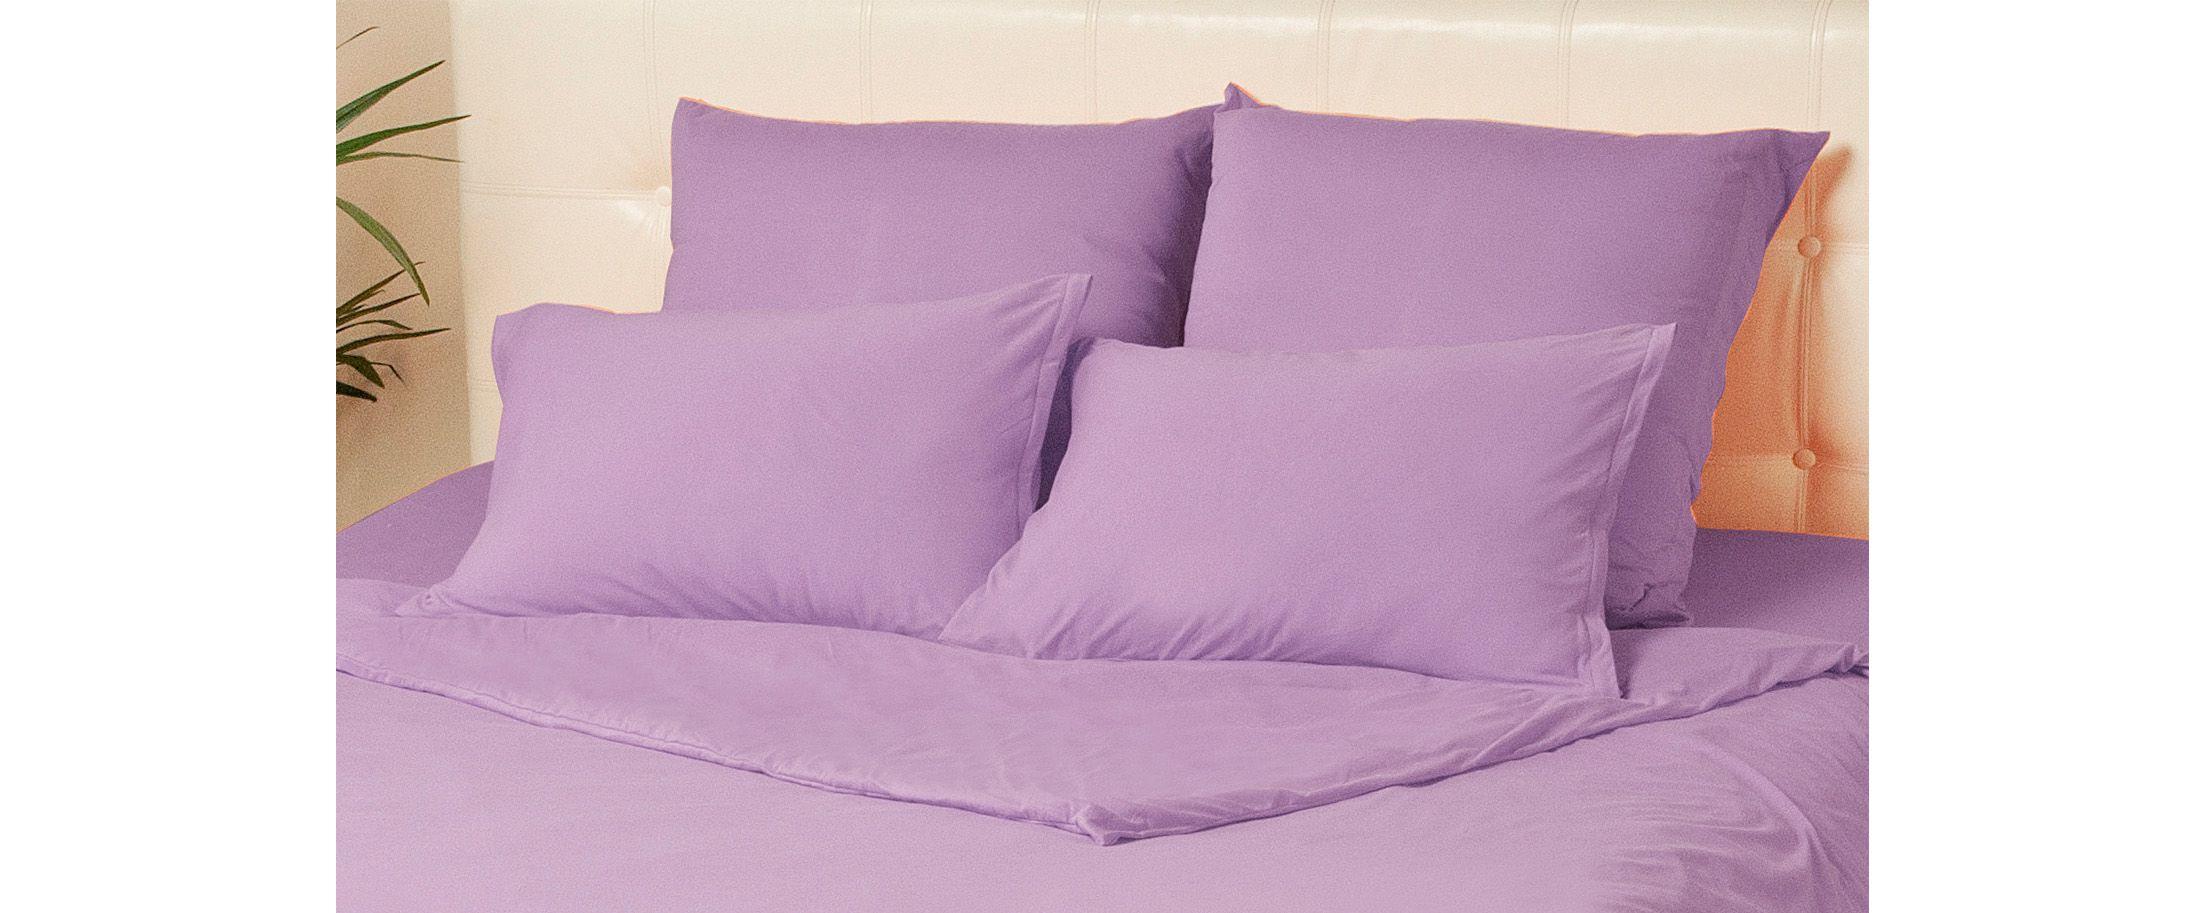 Комплект наволочек на молнии 70х70 сиреневого цвета Violett Модель 4002Комплект наволочек на молнии 70х70 сиреневого цвета Violett Модель 4002. Артикул К000703<br>